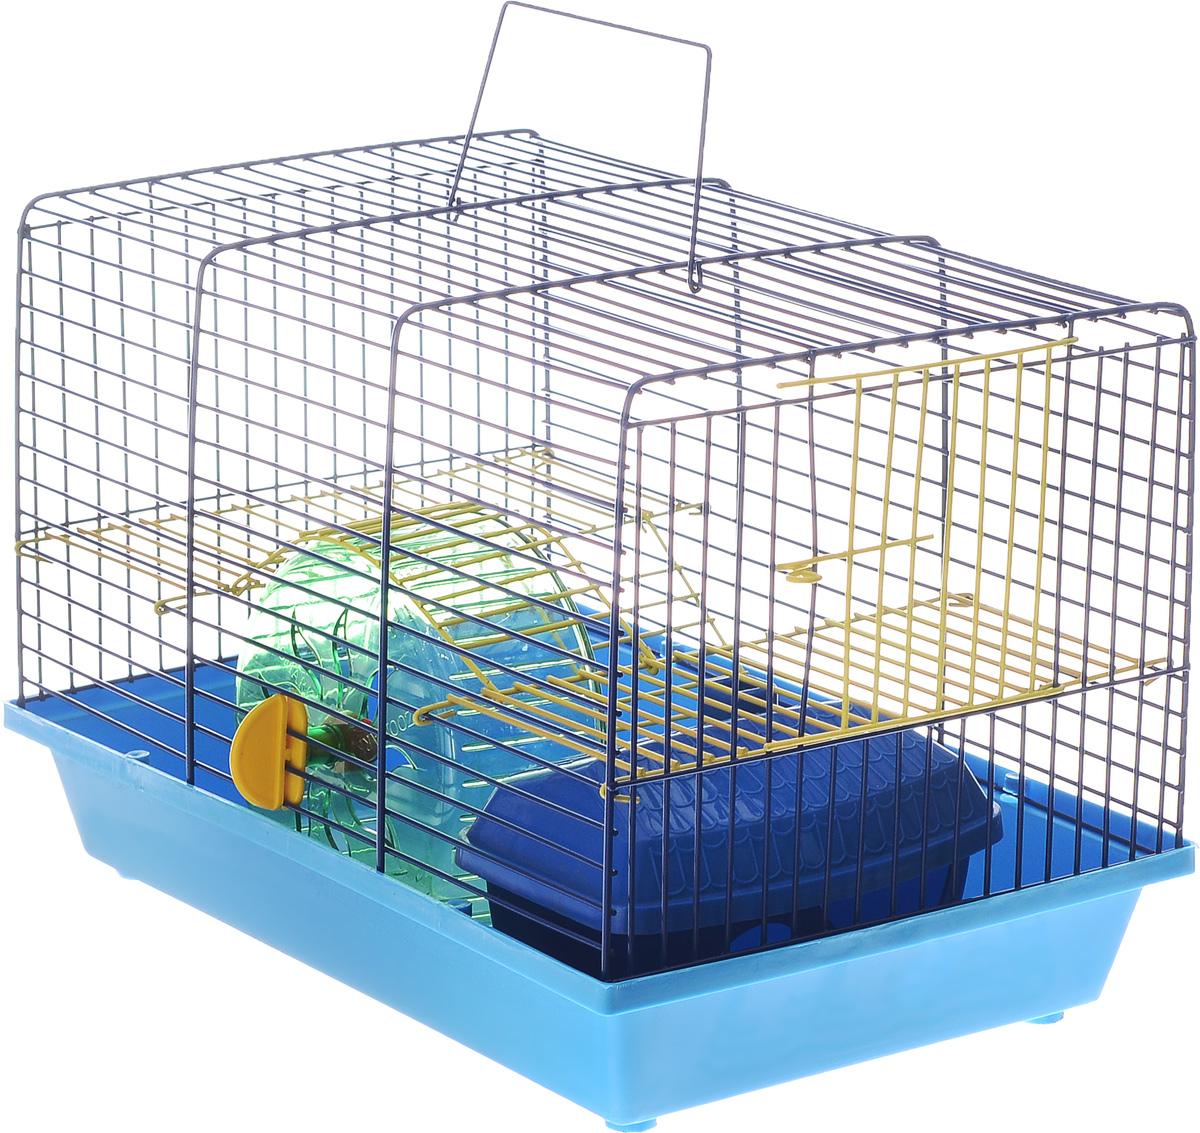 Клетка для грызунов Зоомарк Венеция, 2-этажная, цвет: синий поддон, синяя решетка, желтый этаж, 36 х 23 х 24 см145кССКлетка Венеция, выполненная из полипропилена и металла, подходит для мелких грызунов. Изделие двухэтажное, оборудовано колесом для подвижных игр и пластиковым домиком. Клетка имеет яркий поддон, удобна в использовании и легко чистится. Сверху имеется ручка для переноски. Такая клетка станет уединенным личным пространством и уютным домиком для маленького грызуна.